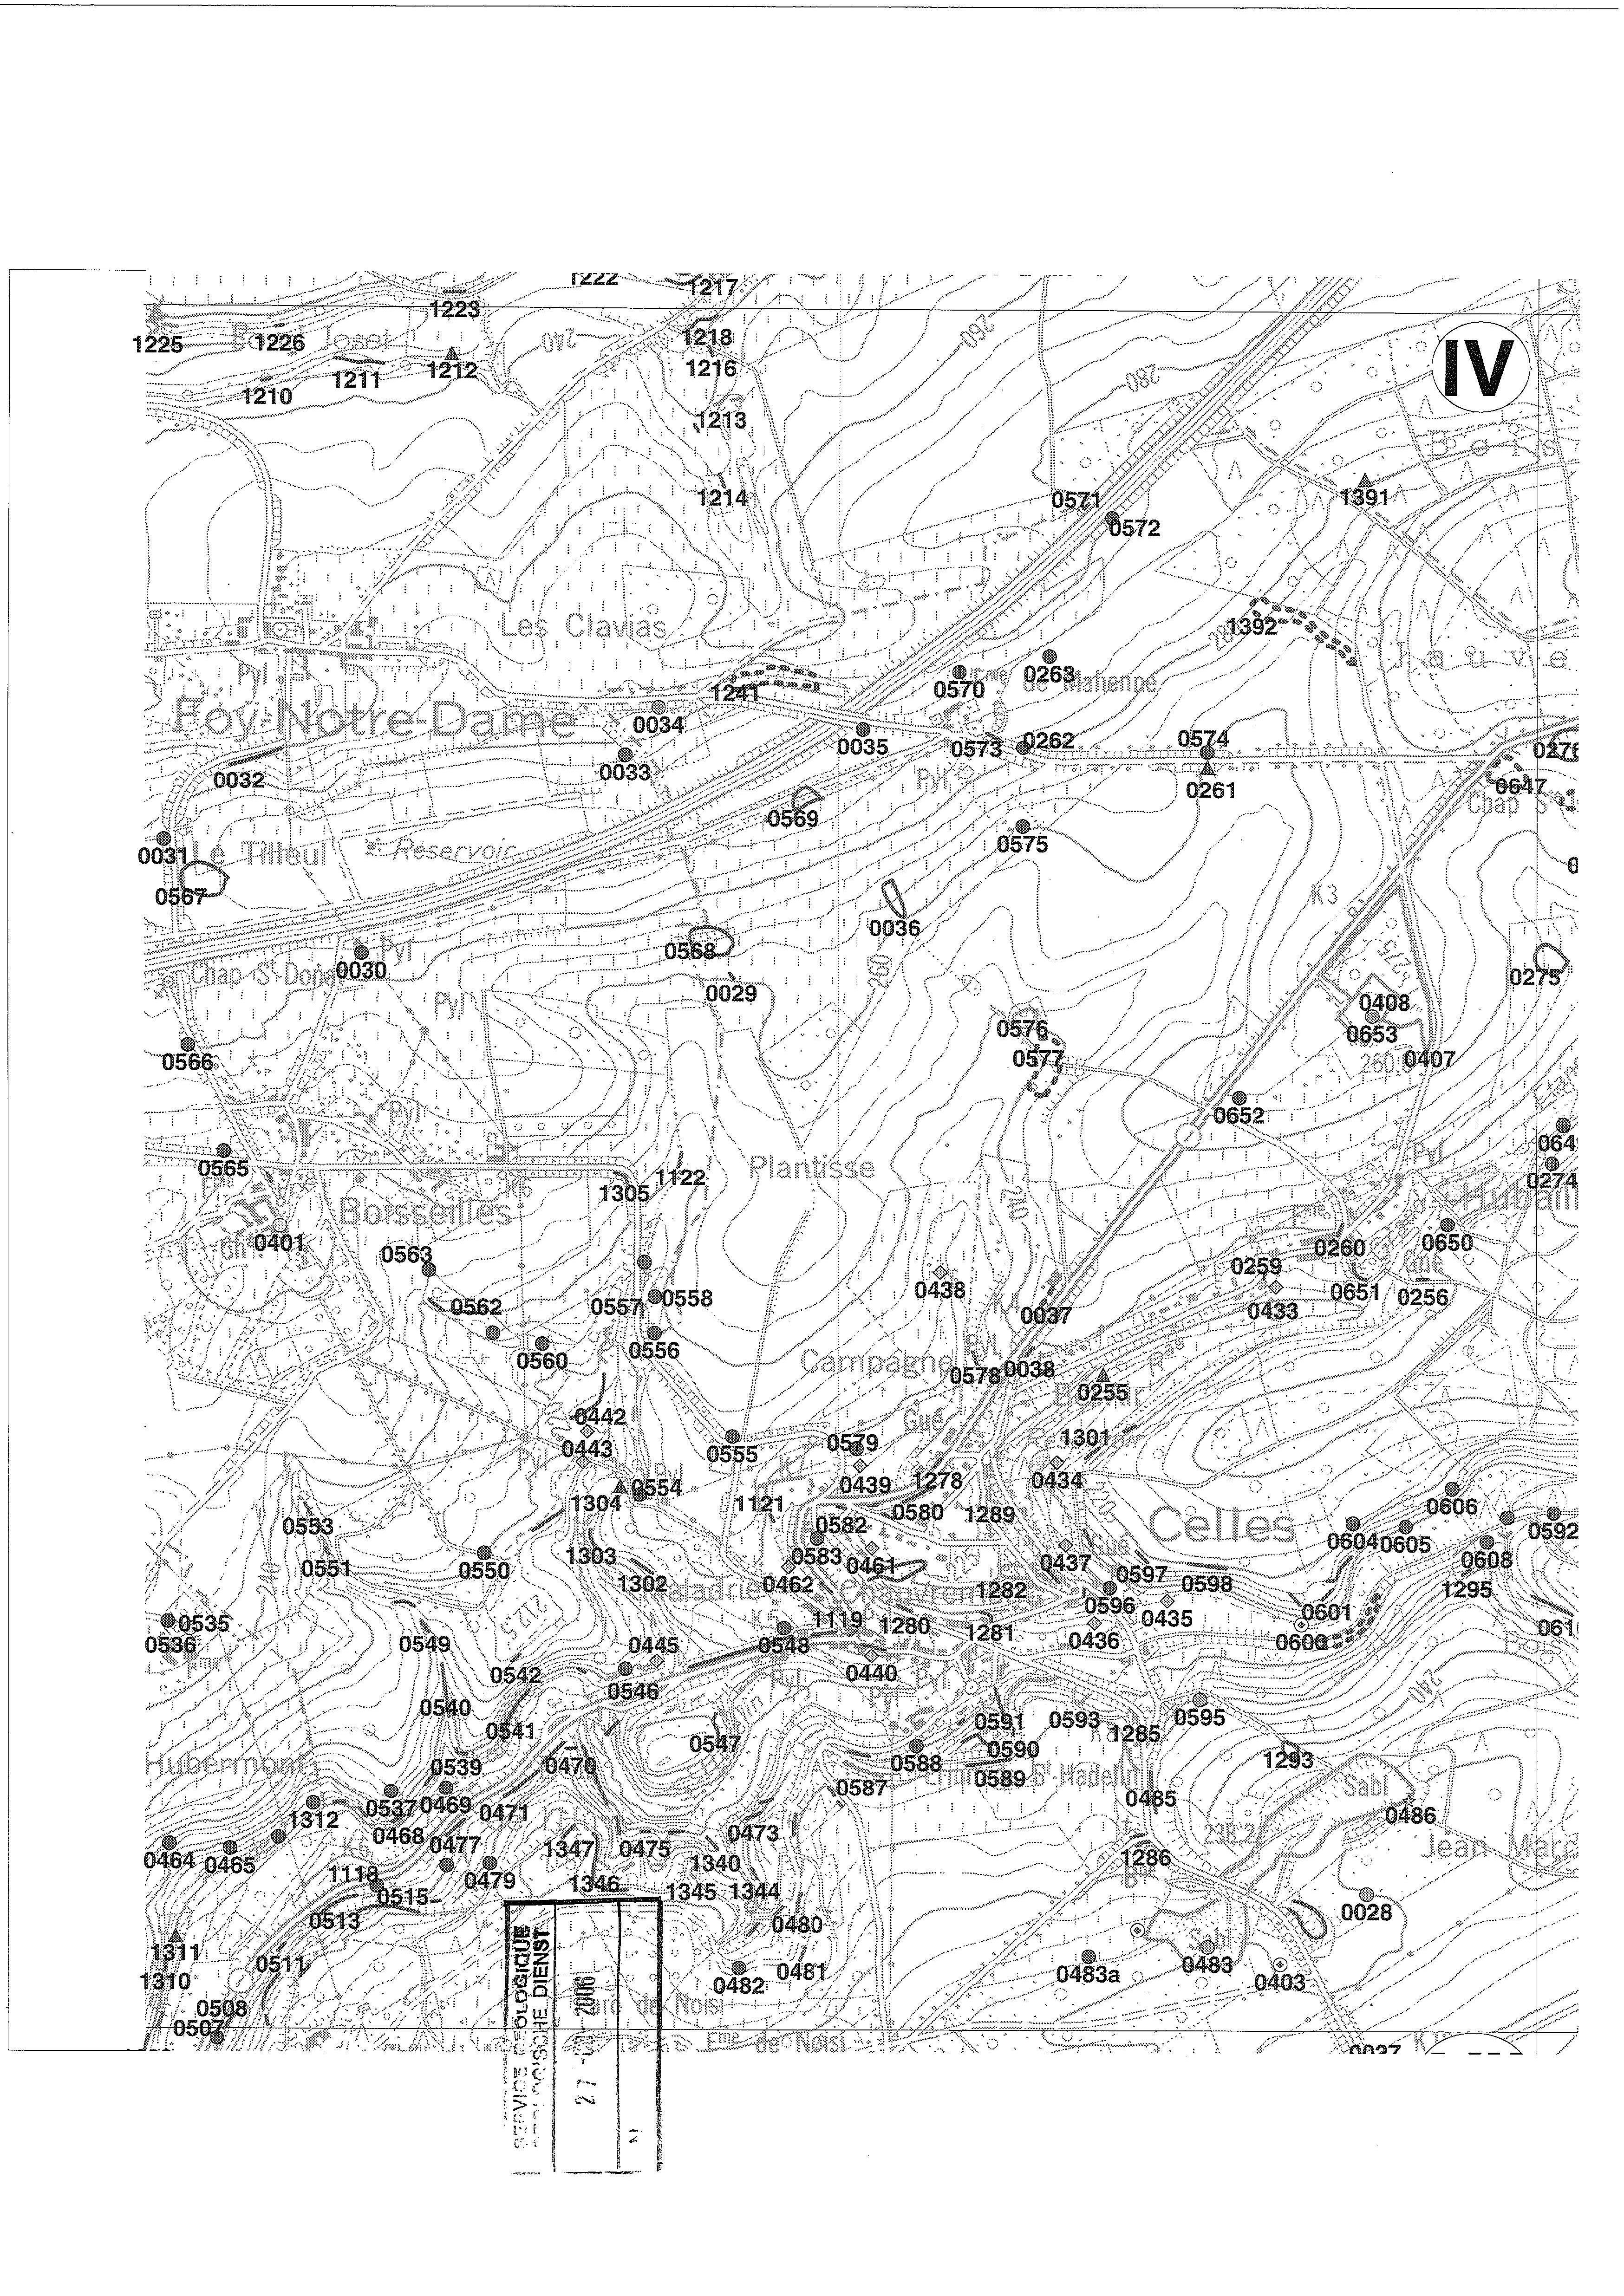 176W_Achene_Page_4_Image_0001.jpg